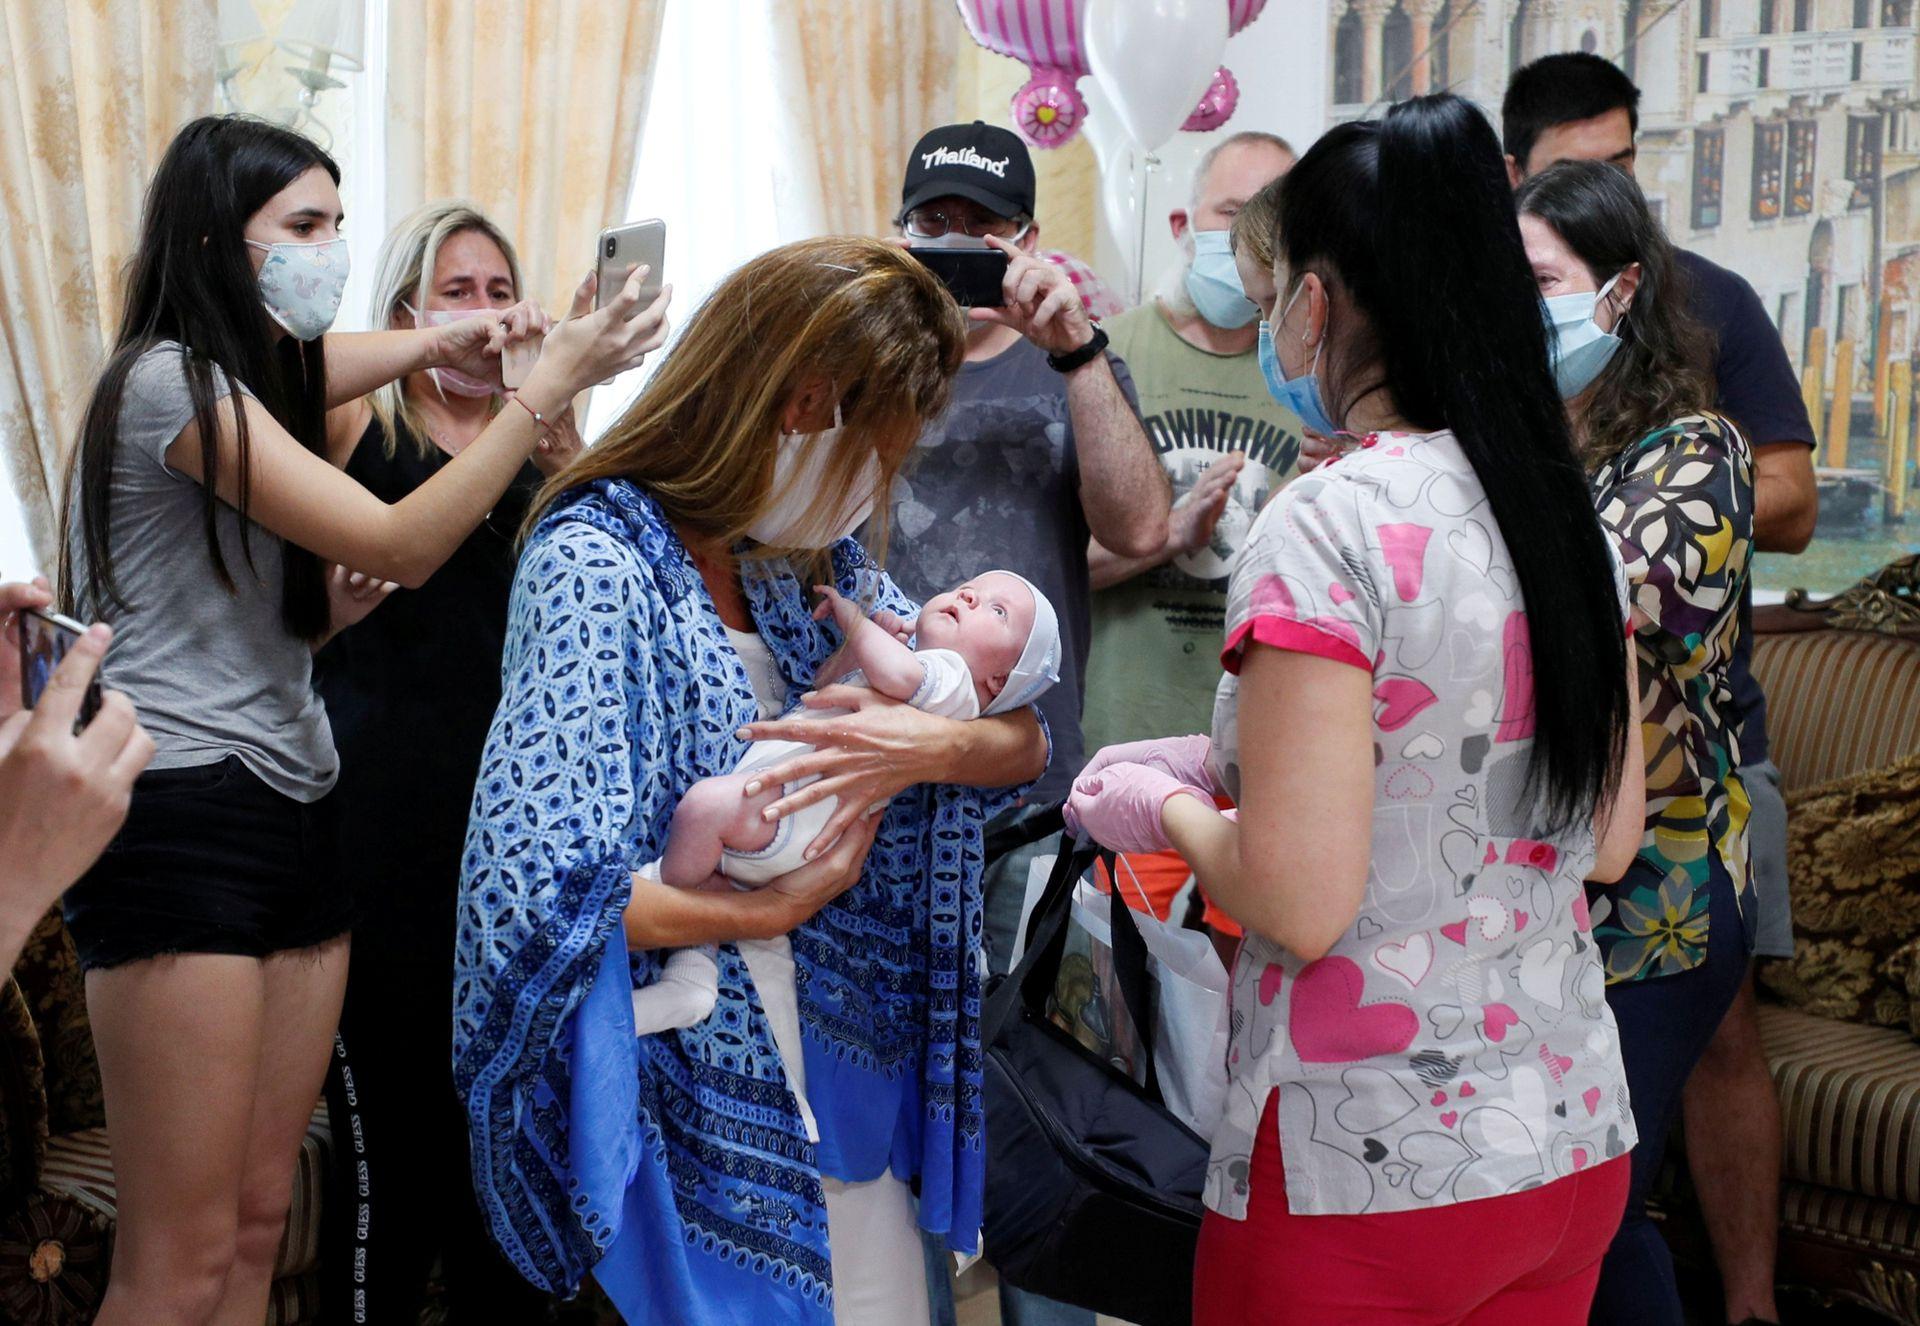 Andrea Diez y Fernando Montero, ciudadanos argentinos y padres del recién nacido Ignacio, emocionados durante su primer encuentro en el Hotel Venice, propiedad de la clínica BioTexCom en Kiev, Ucrania